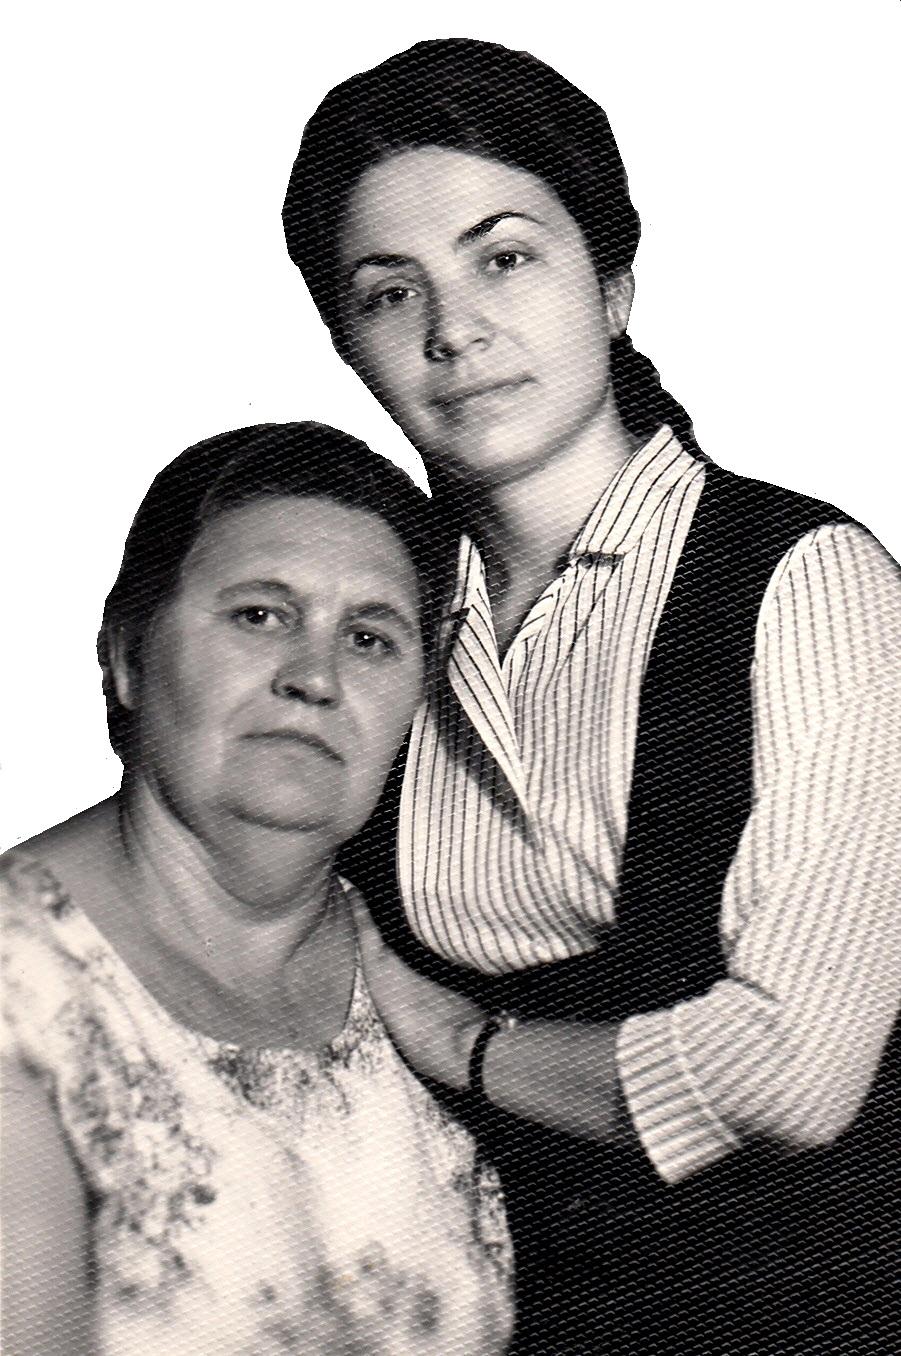 Александра Колдузова родилась в богатой семье, но стала беднячкой-батрачкой